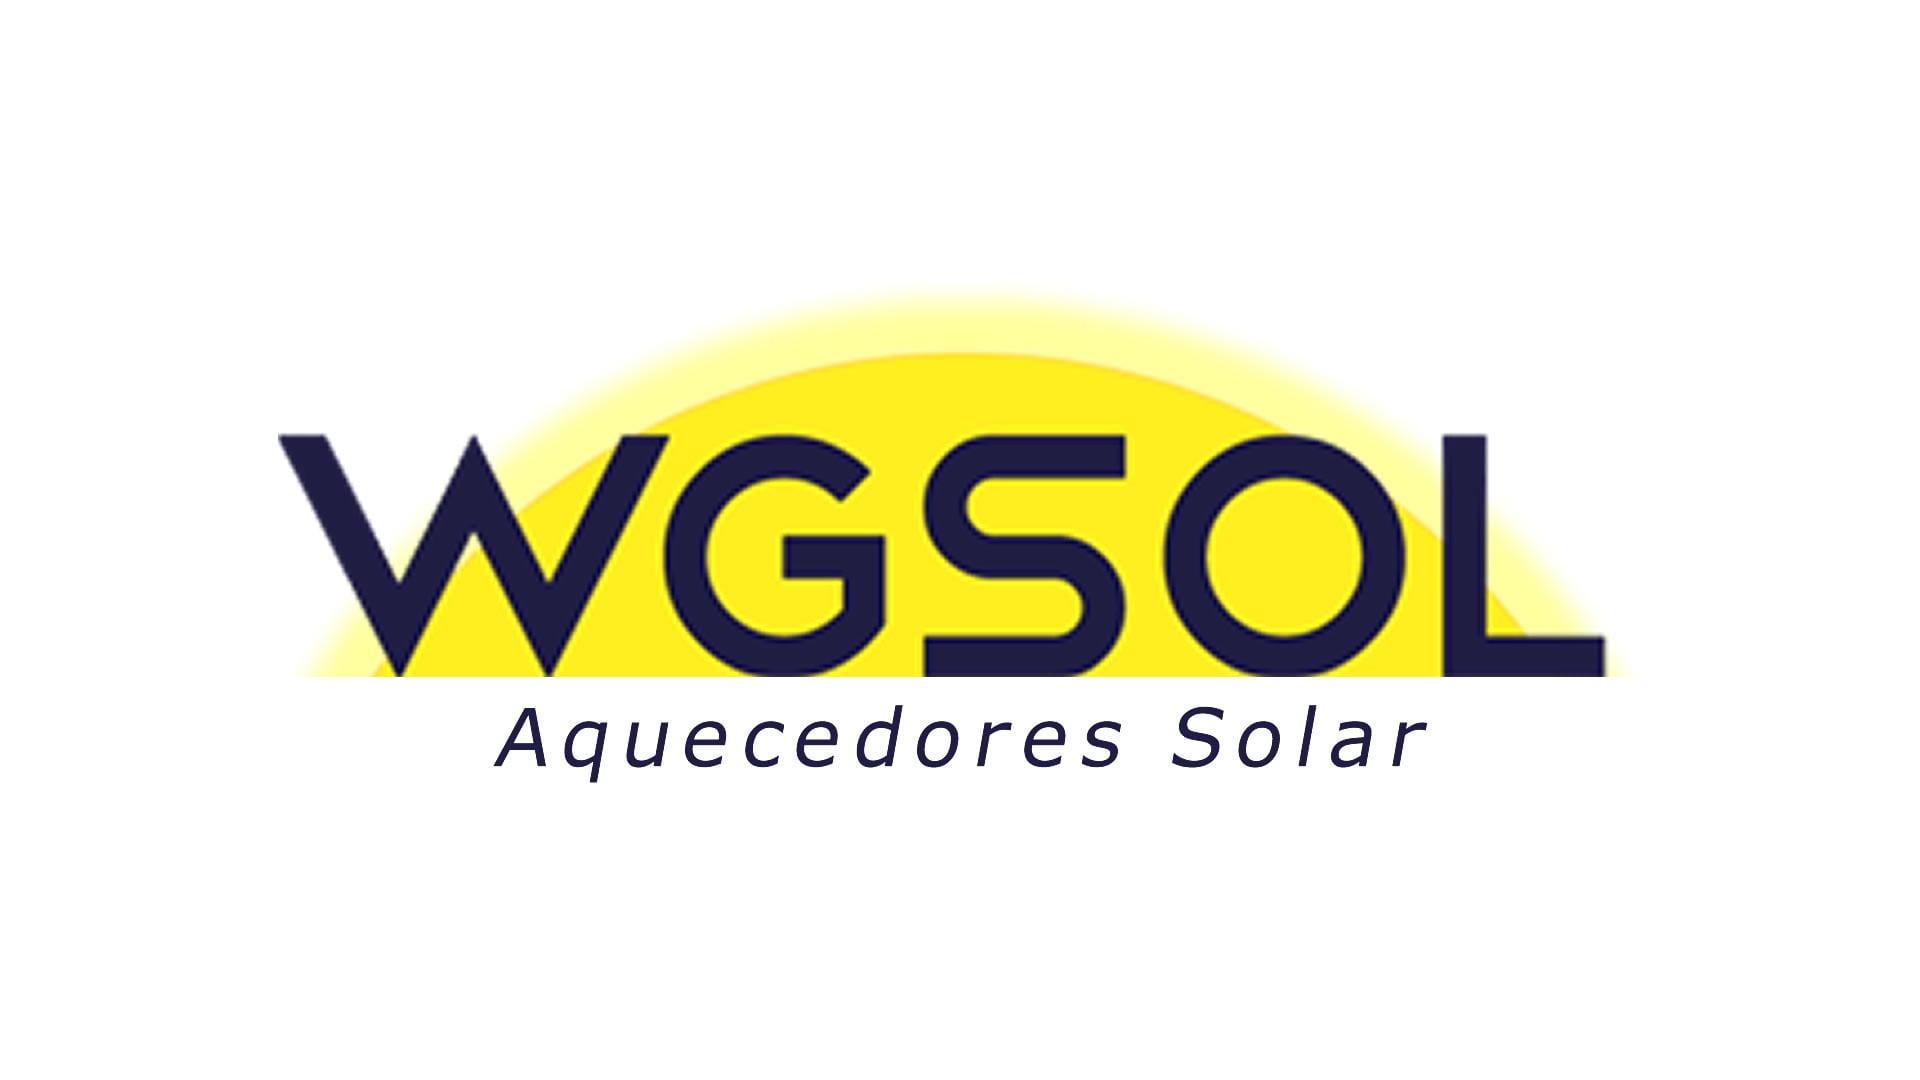 WGSOL